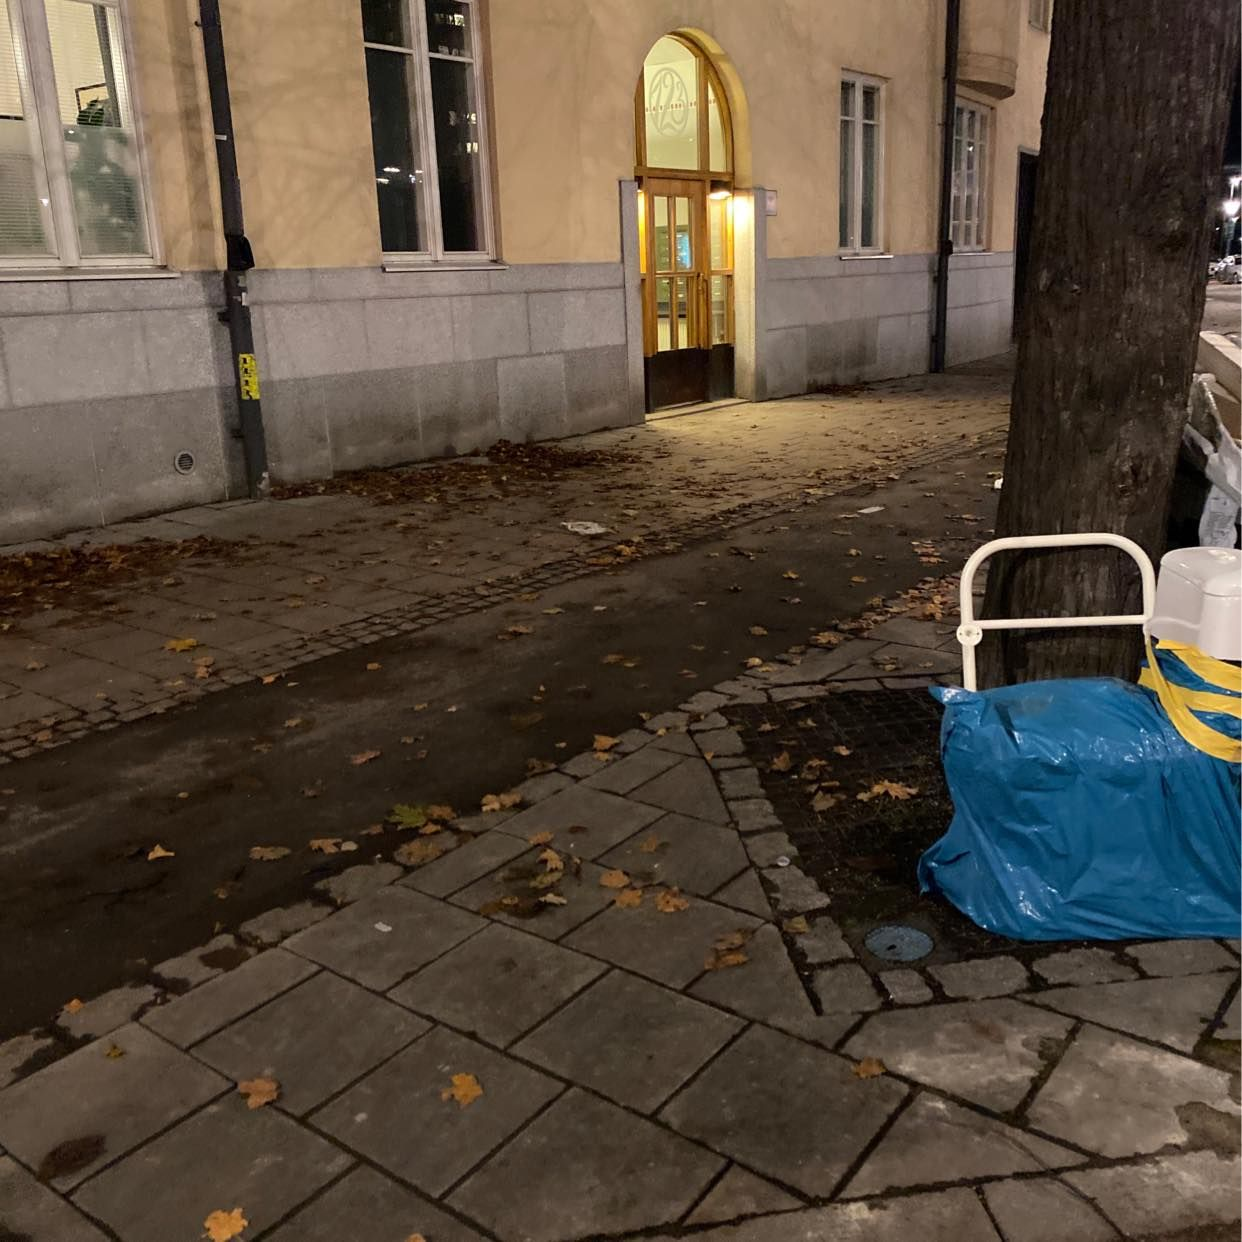 image of Slänga toa & handukstork - Stockholm